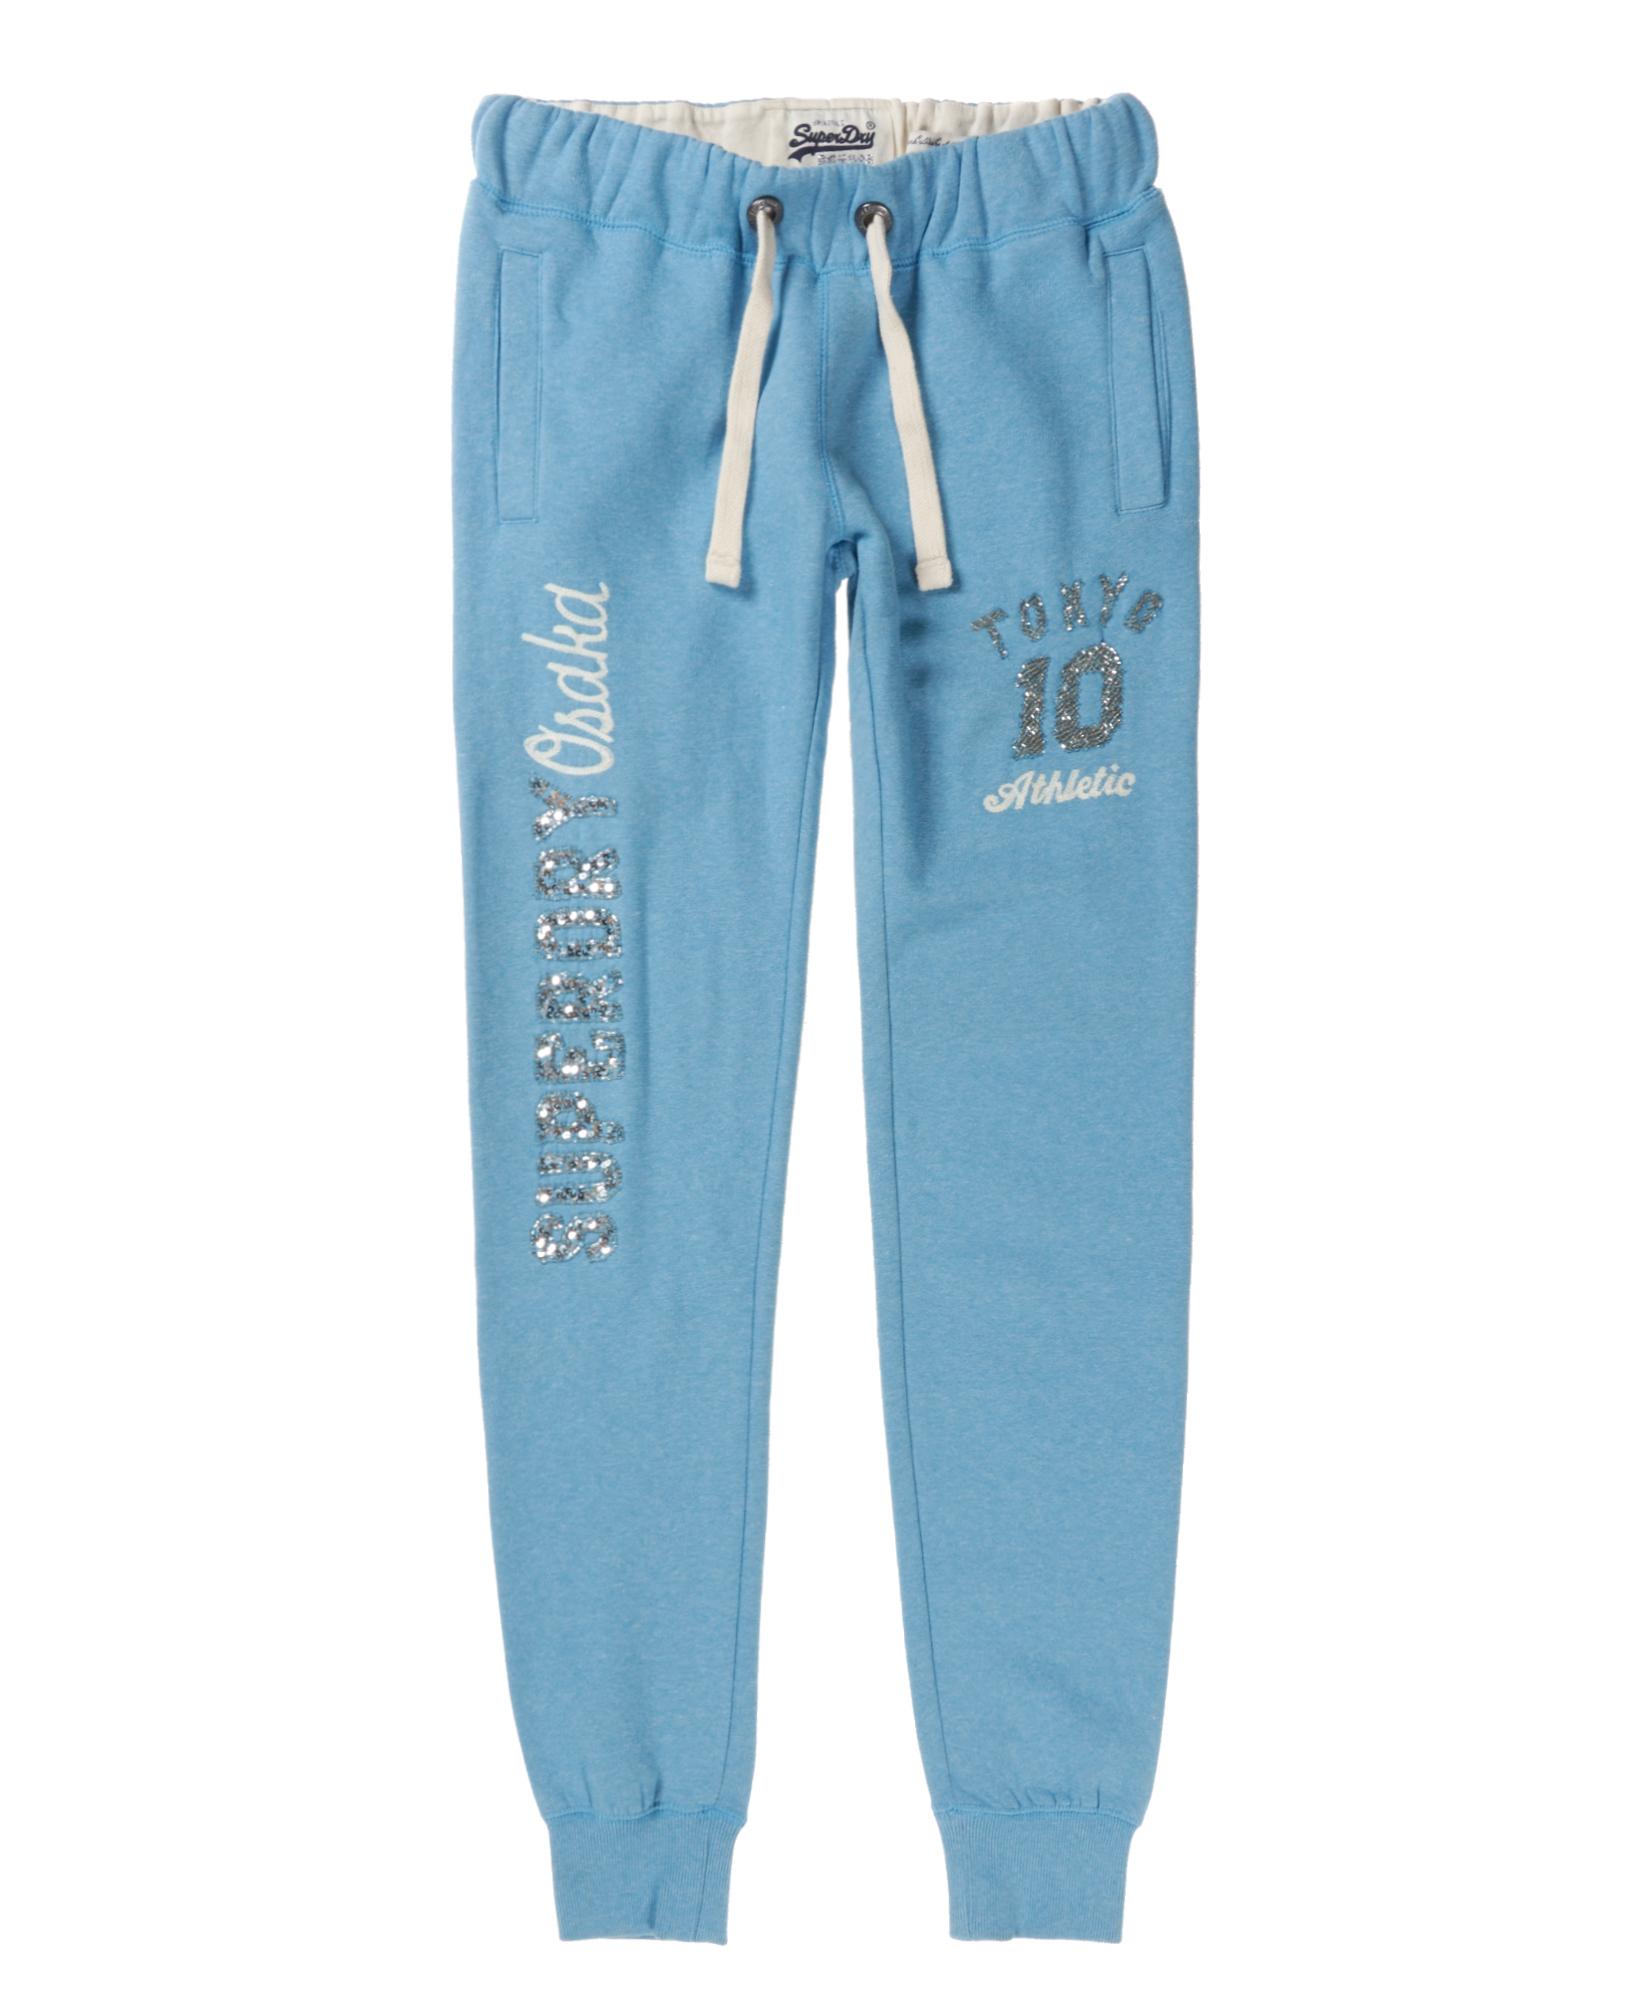 neue damen superdry osaka script sparkle jogginghose cali blau grit ebay. Black Bedroom Furniture Sets. Home Design Ideas